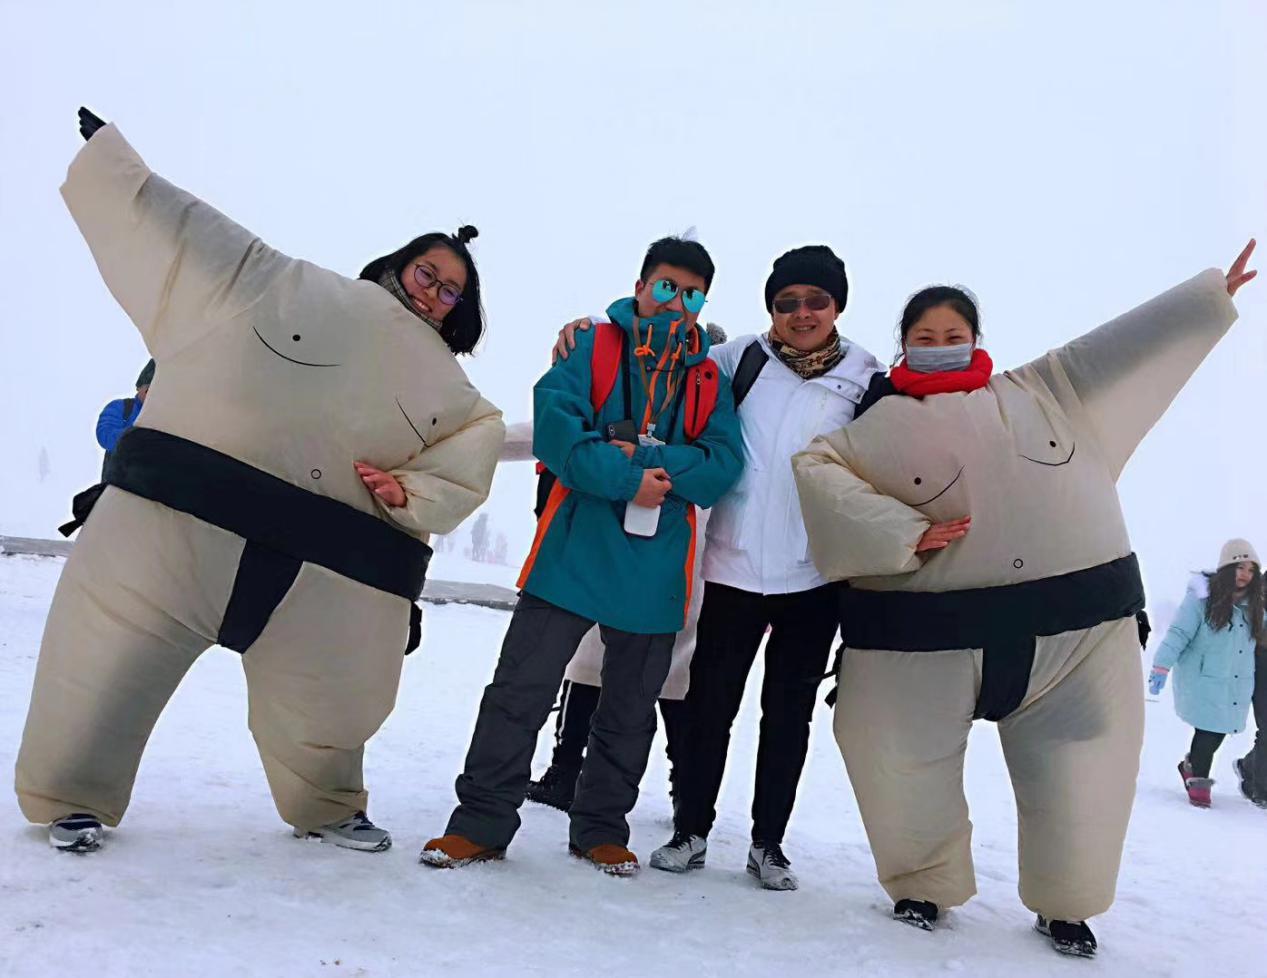 大学生�y.&��f�/&_四川大学生仙女山冰雪季活动玩出新花样